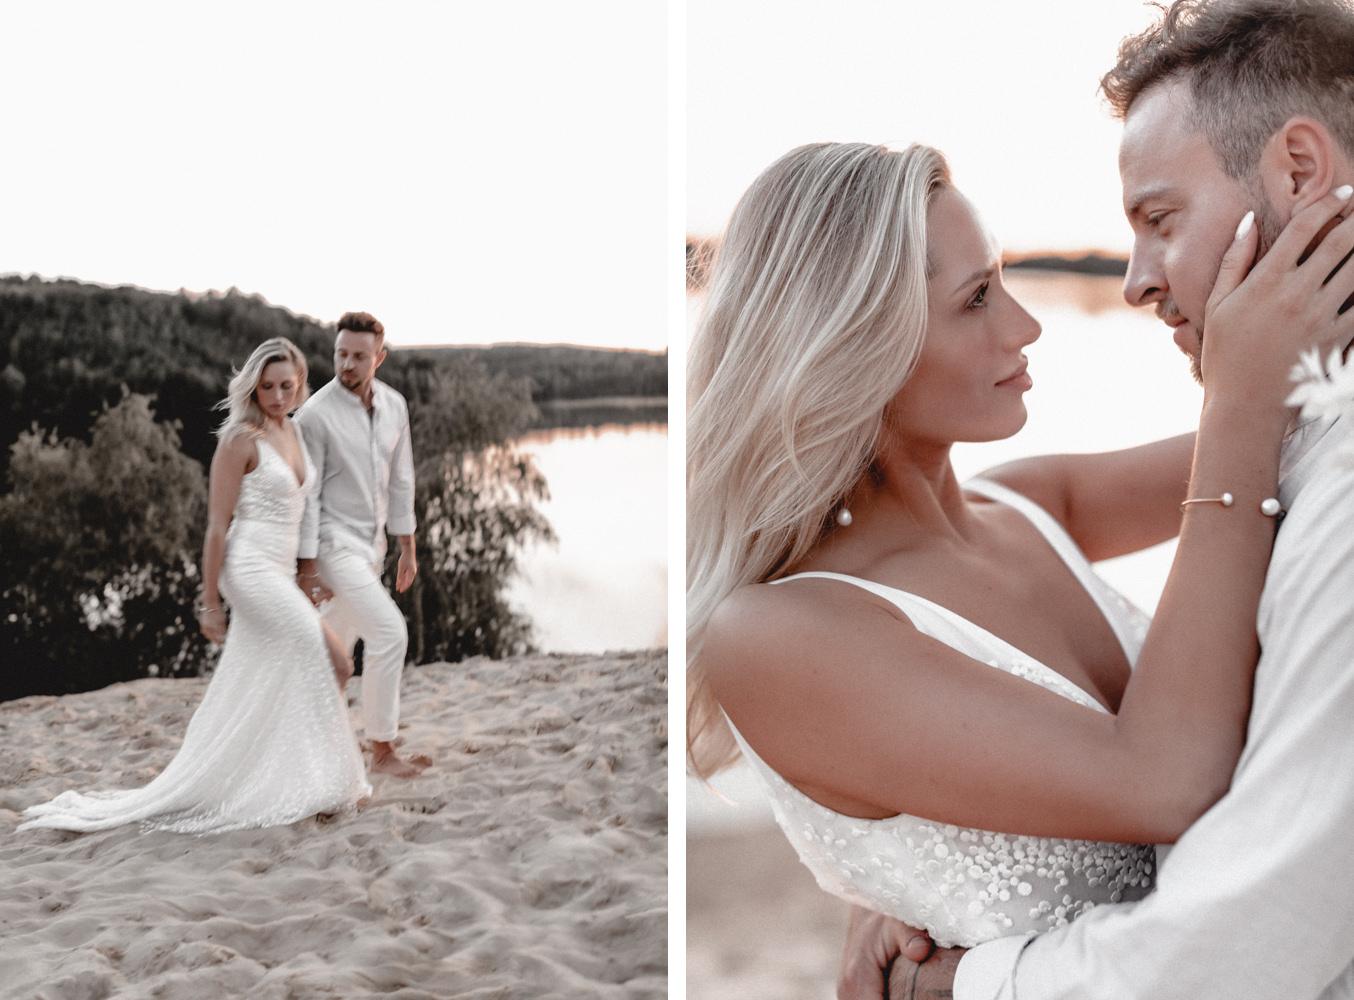 wedding-photographer-europe-france-28